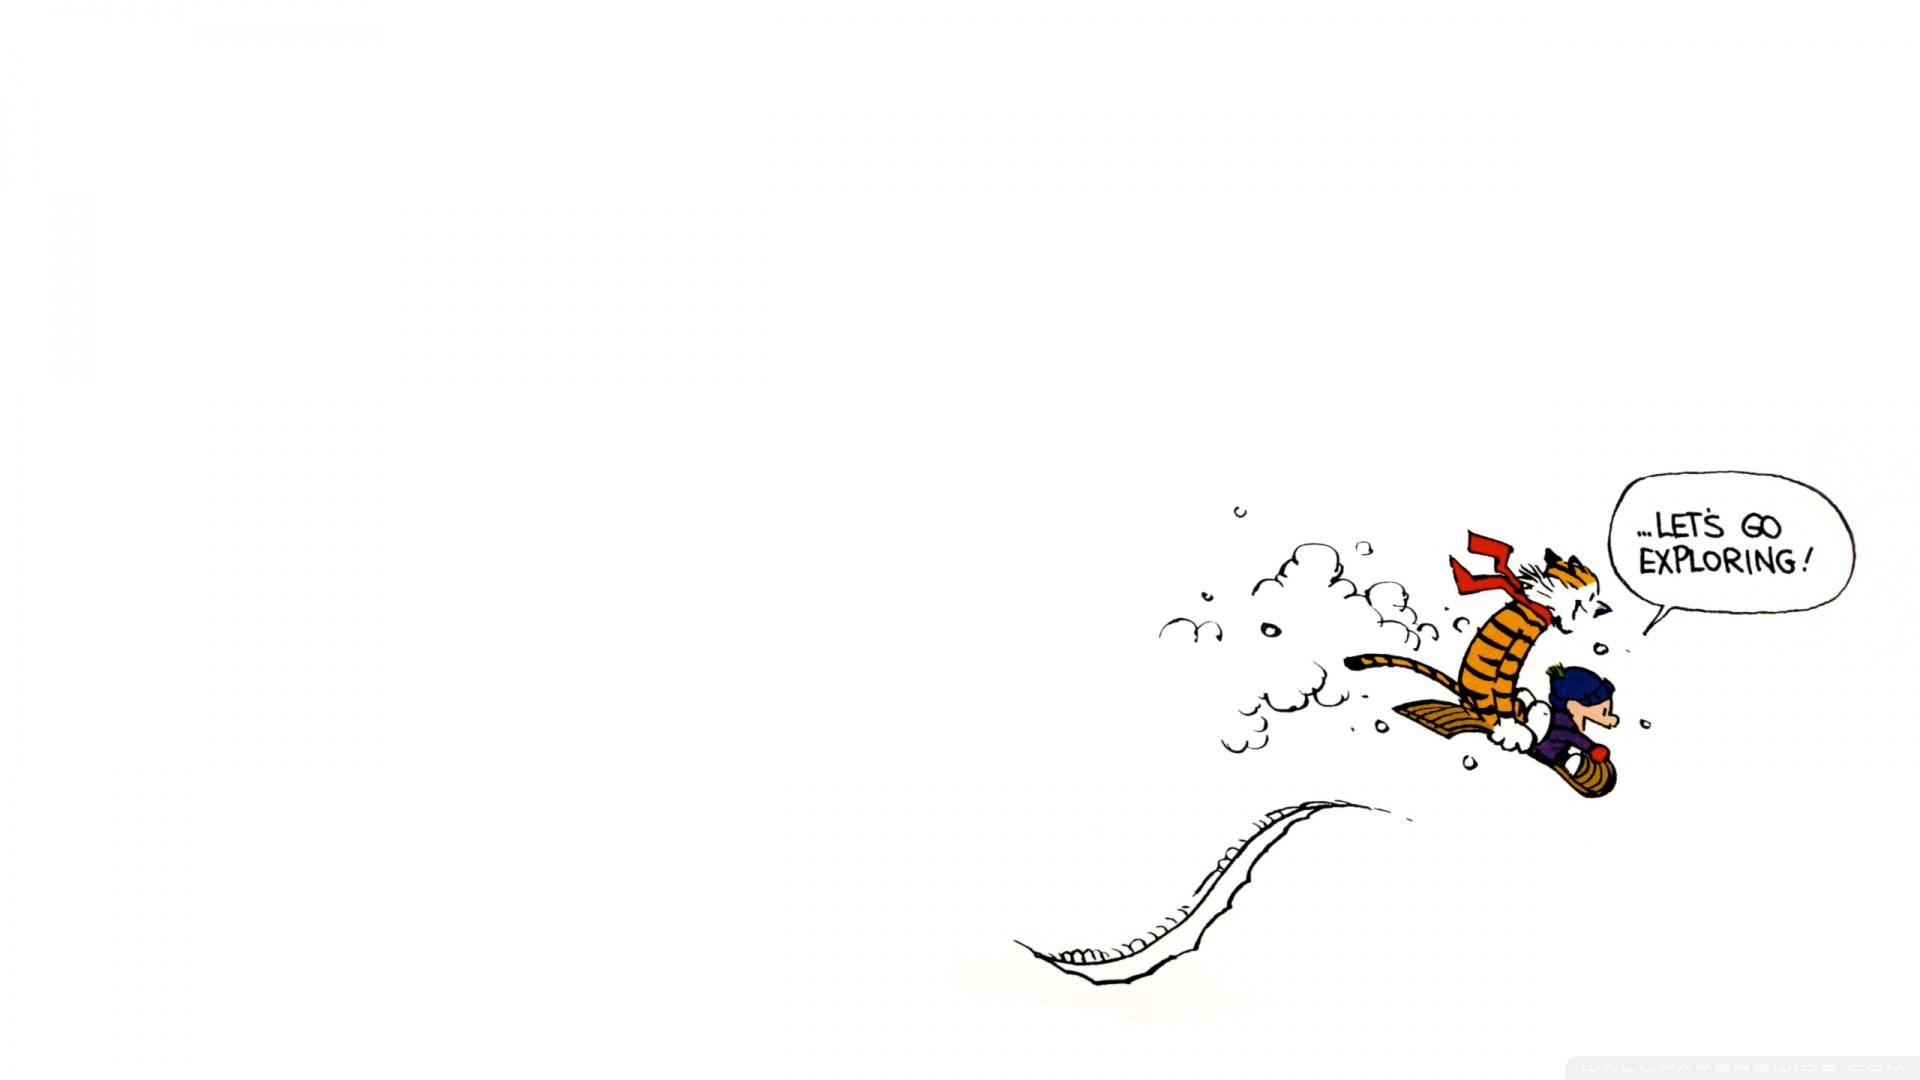 49 Calvin And Hobbes Wallpaper 1920x1080 On Wallpapersafari